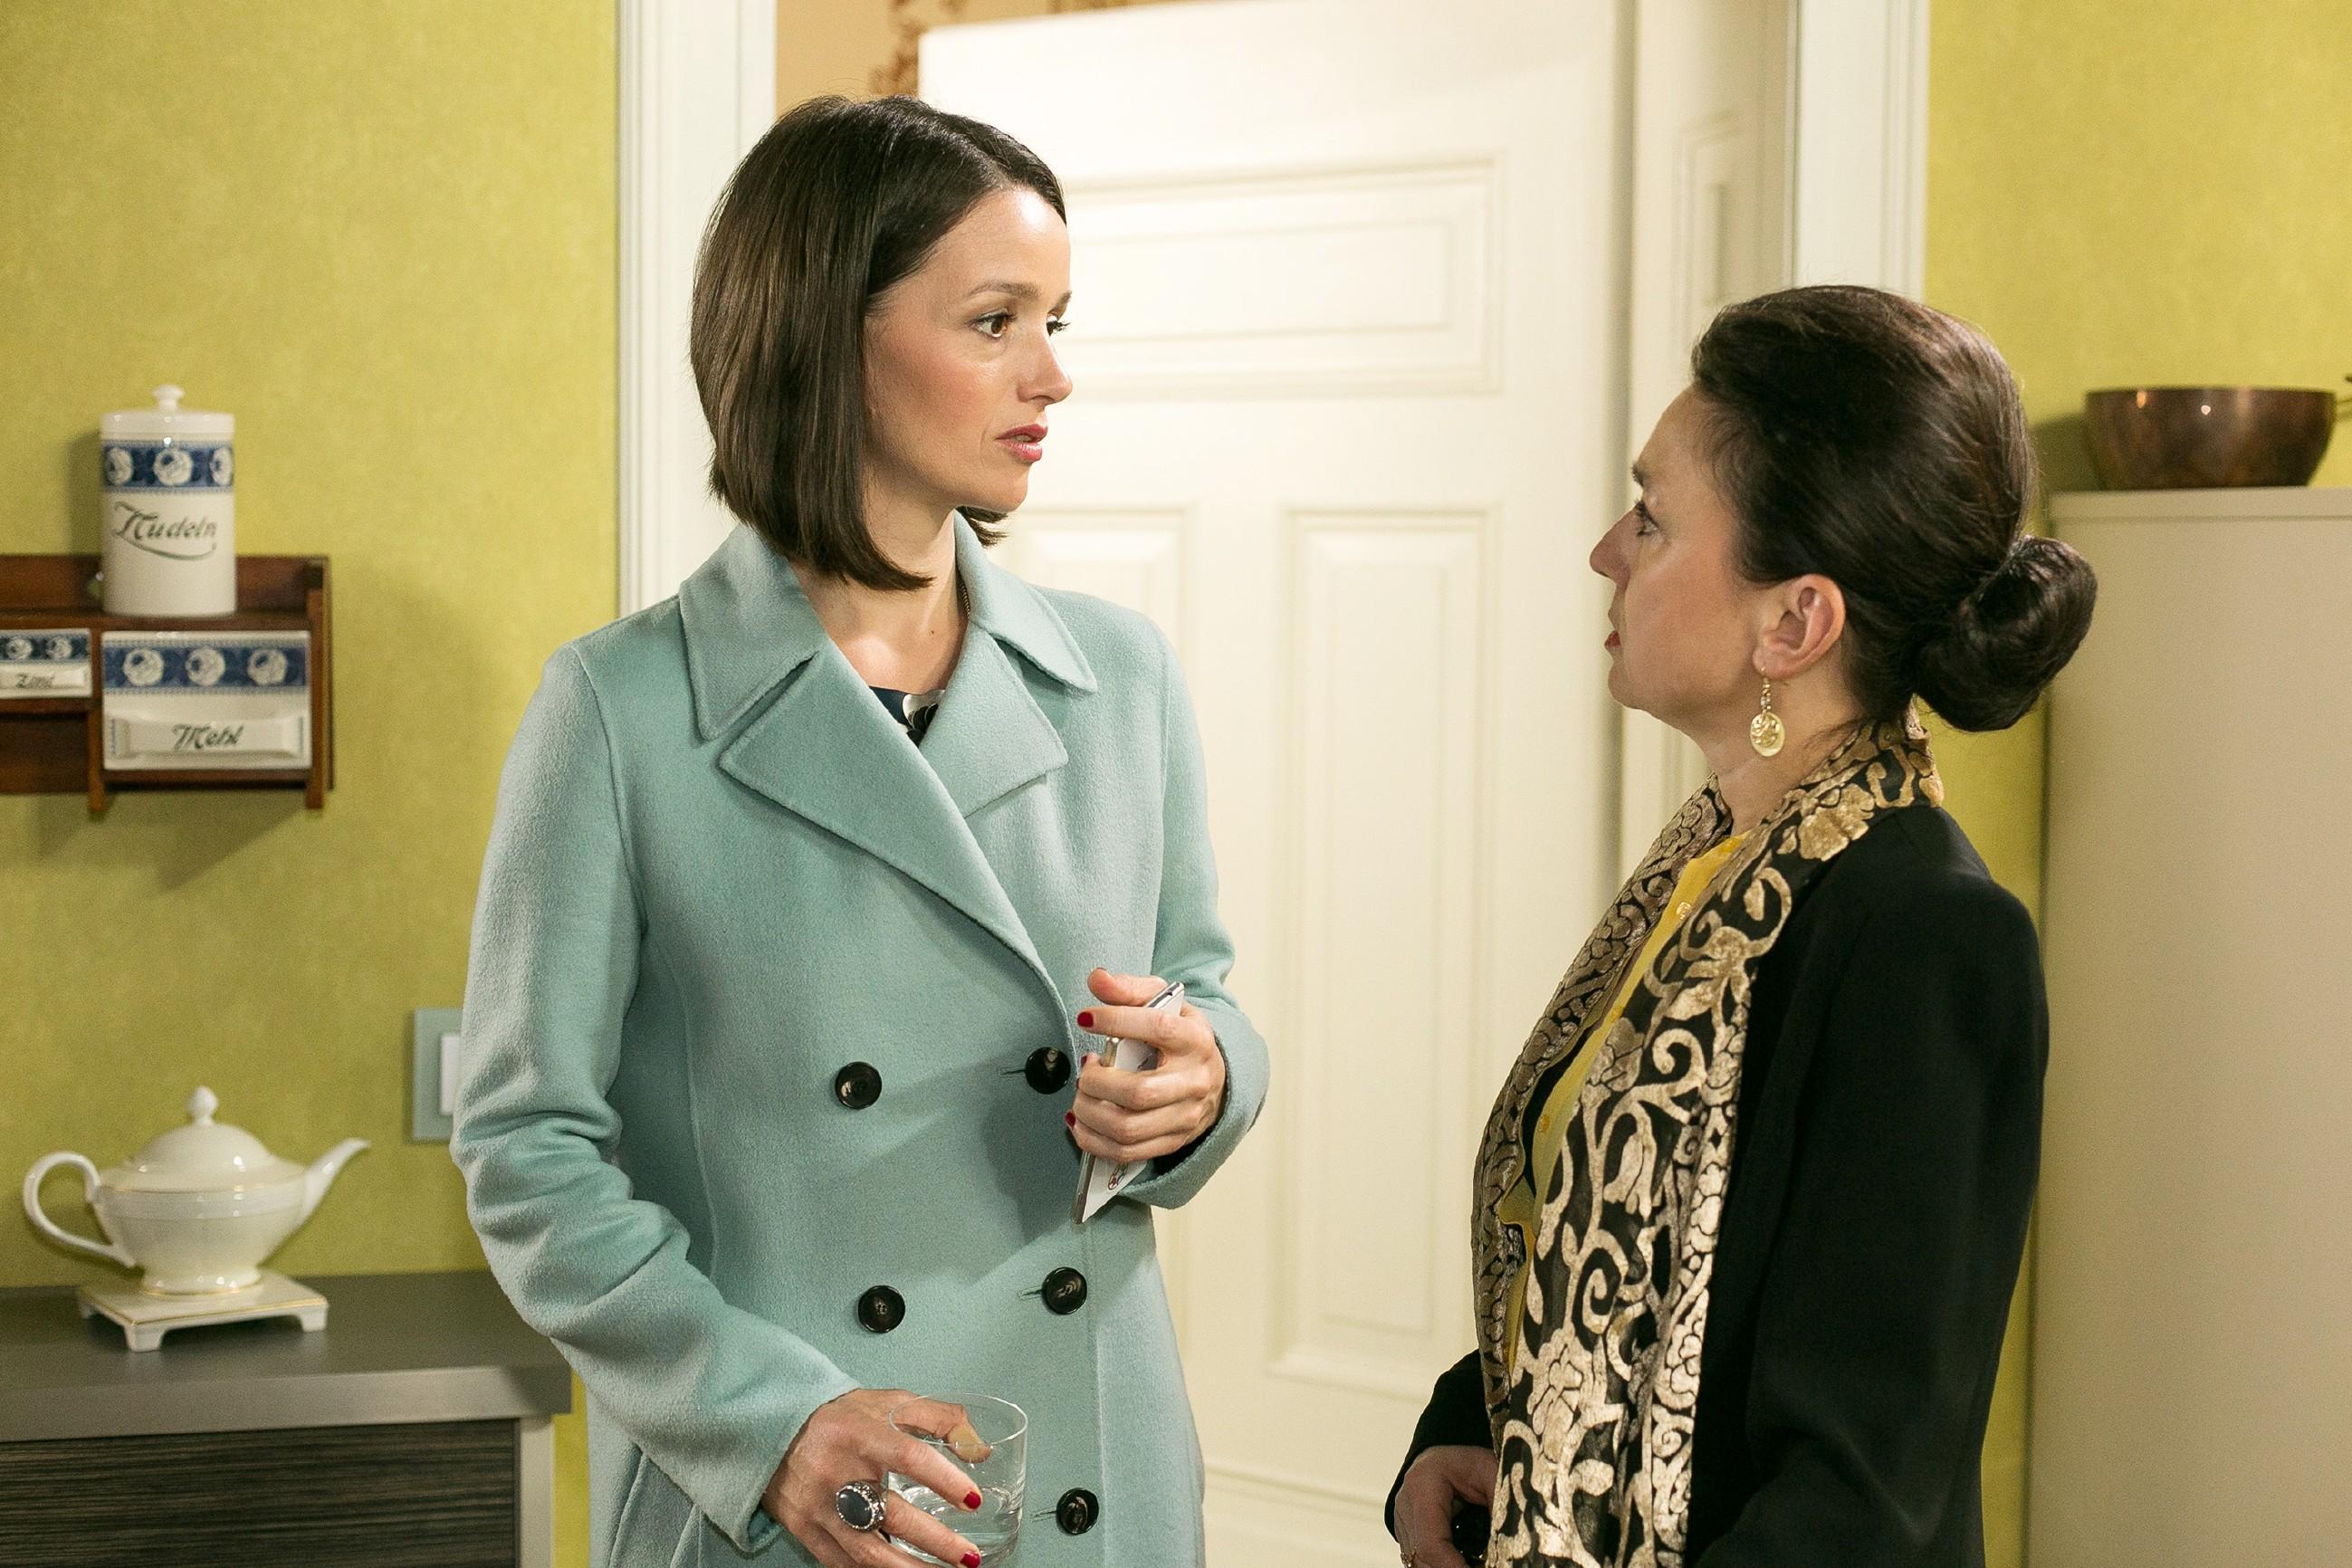 Simone (Tatjana Clasing, r.) verteidigt vor Jenny (Kaja Schmidt-Tychsen) ihre Trennung von Richard. (Quelle: Foto: RTL / Kai Schulz)